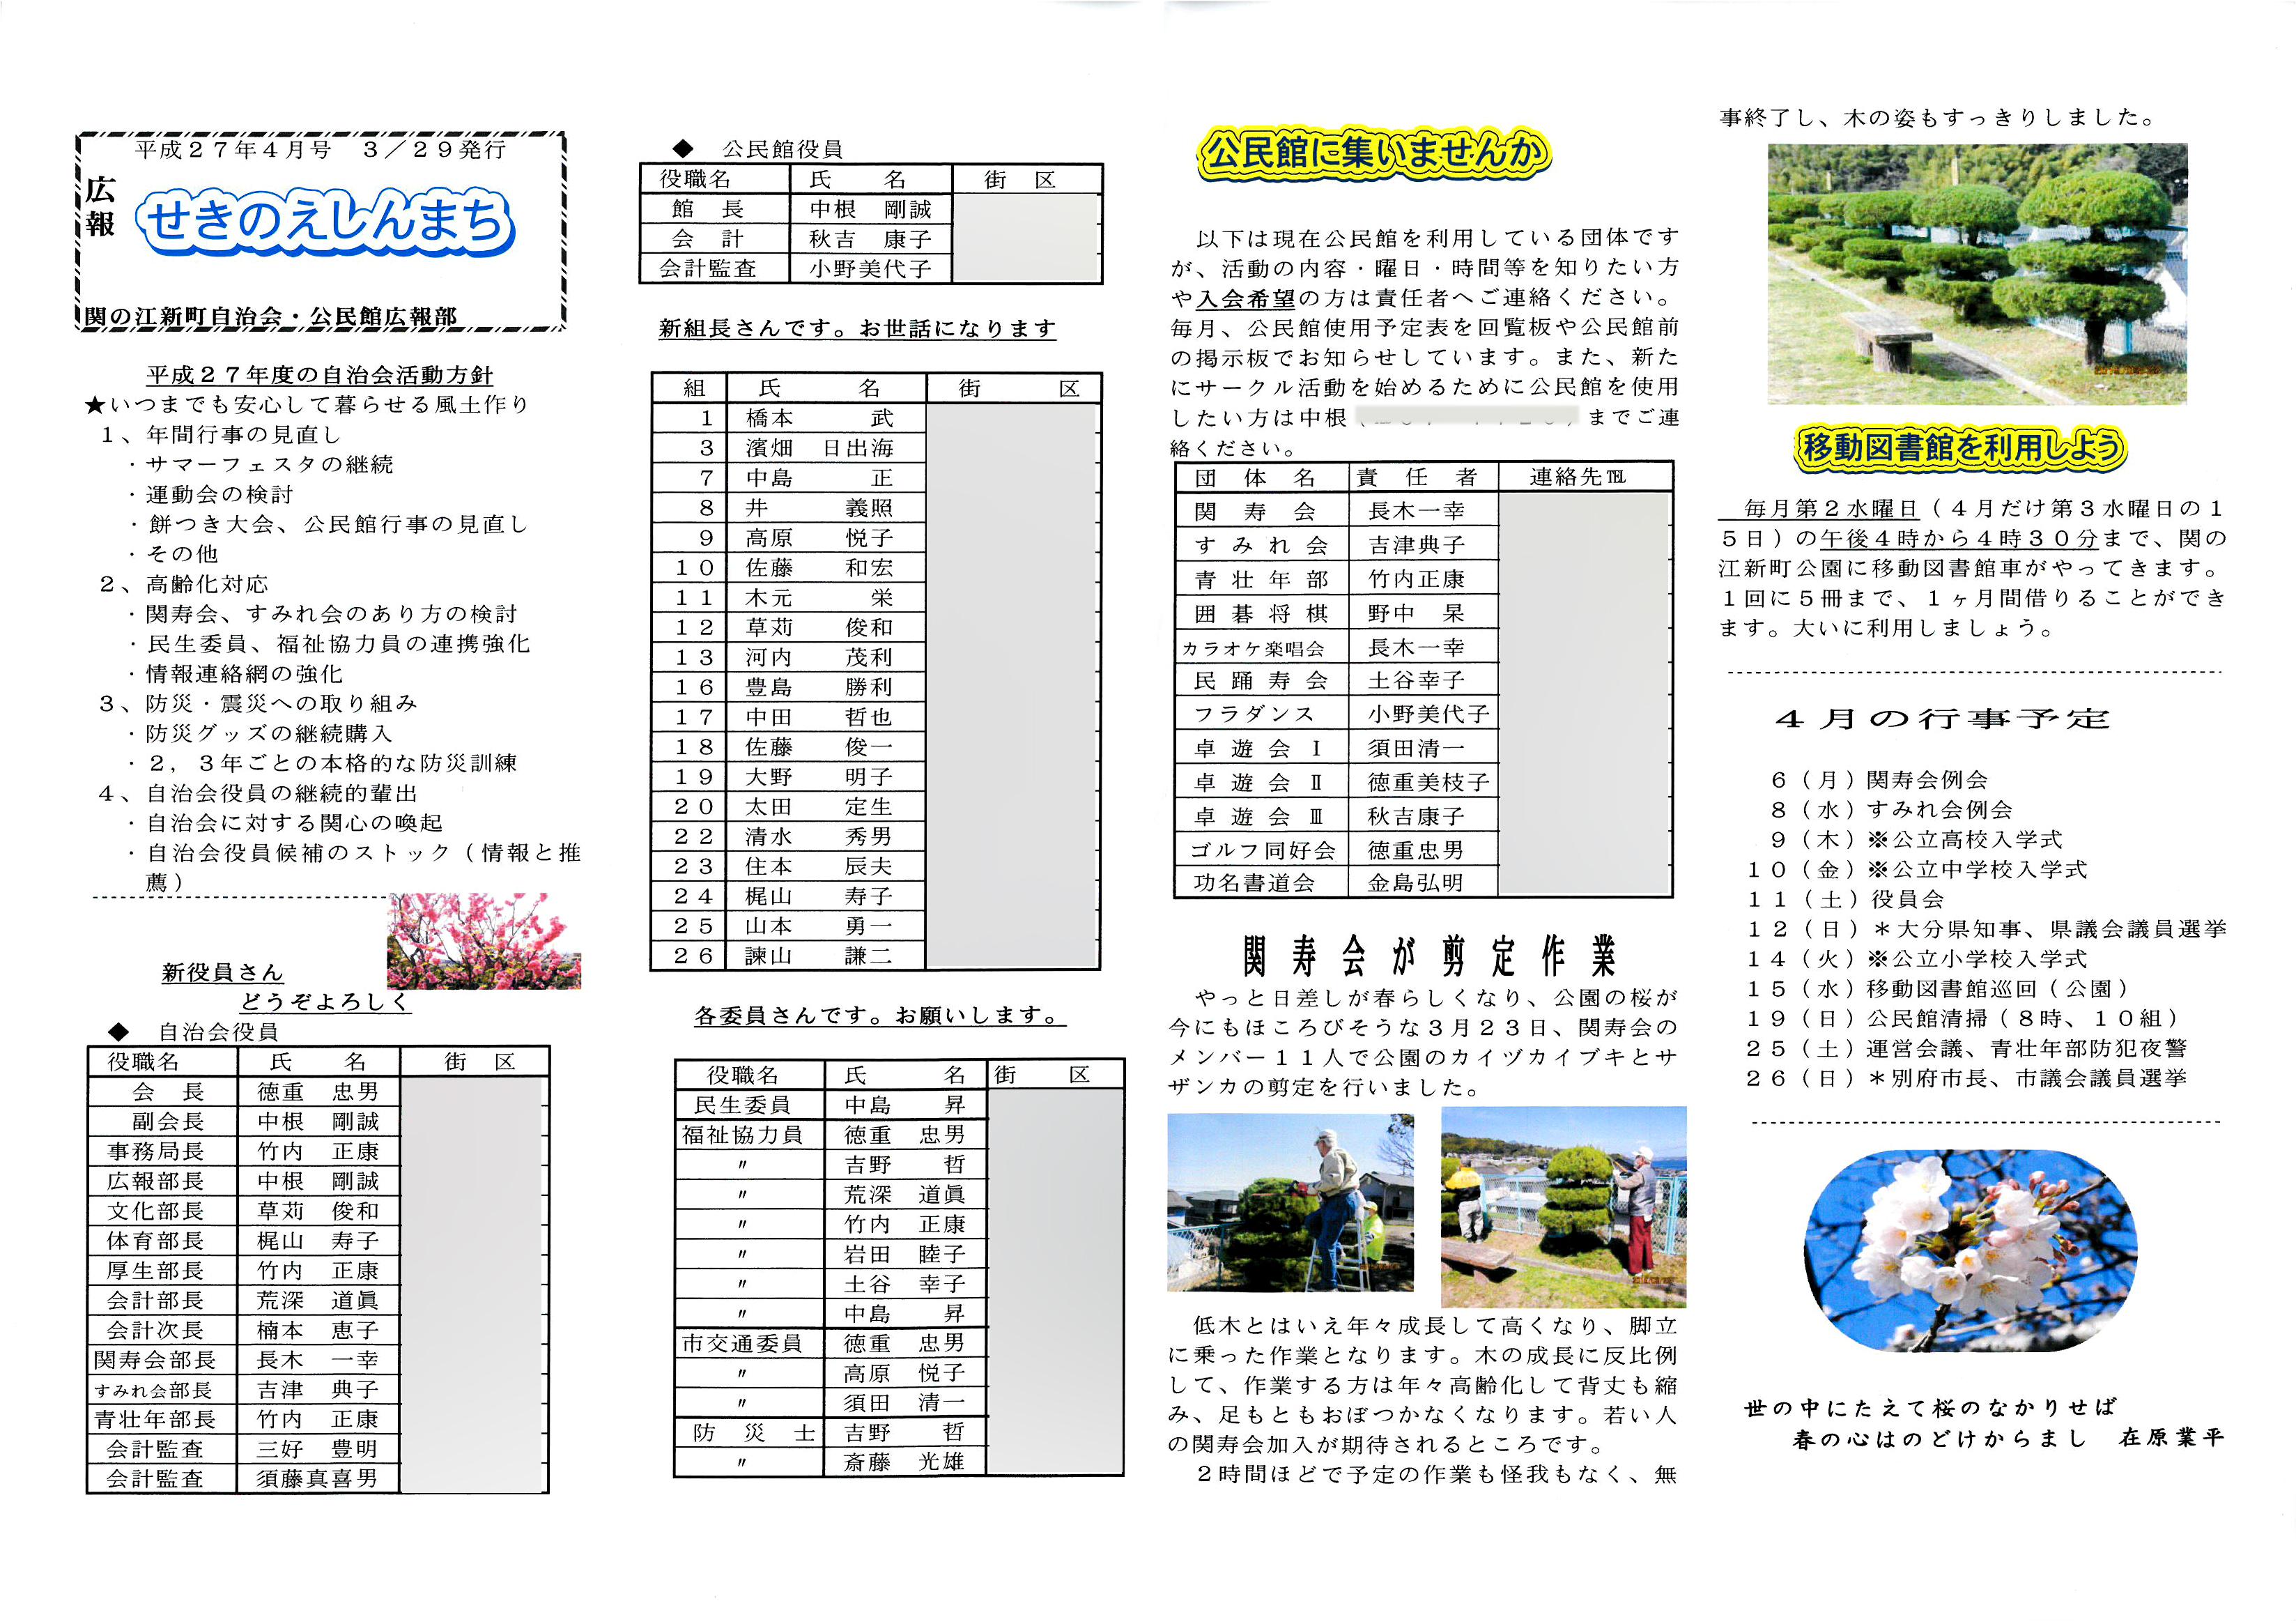 sekinoeshinmachi2015_04